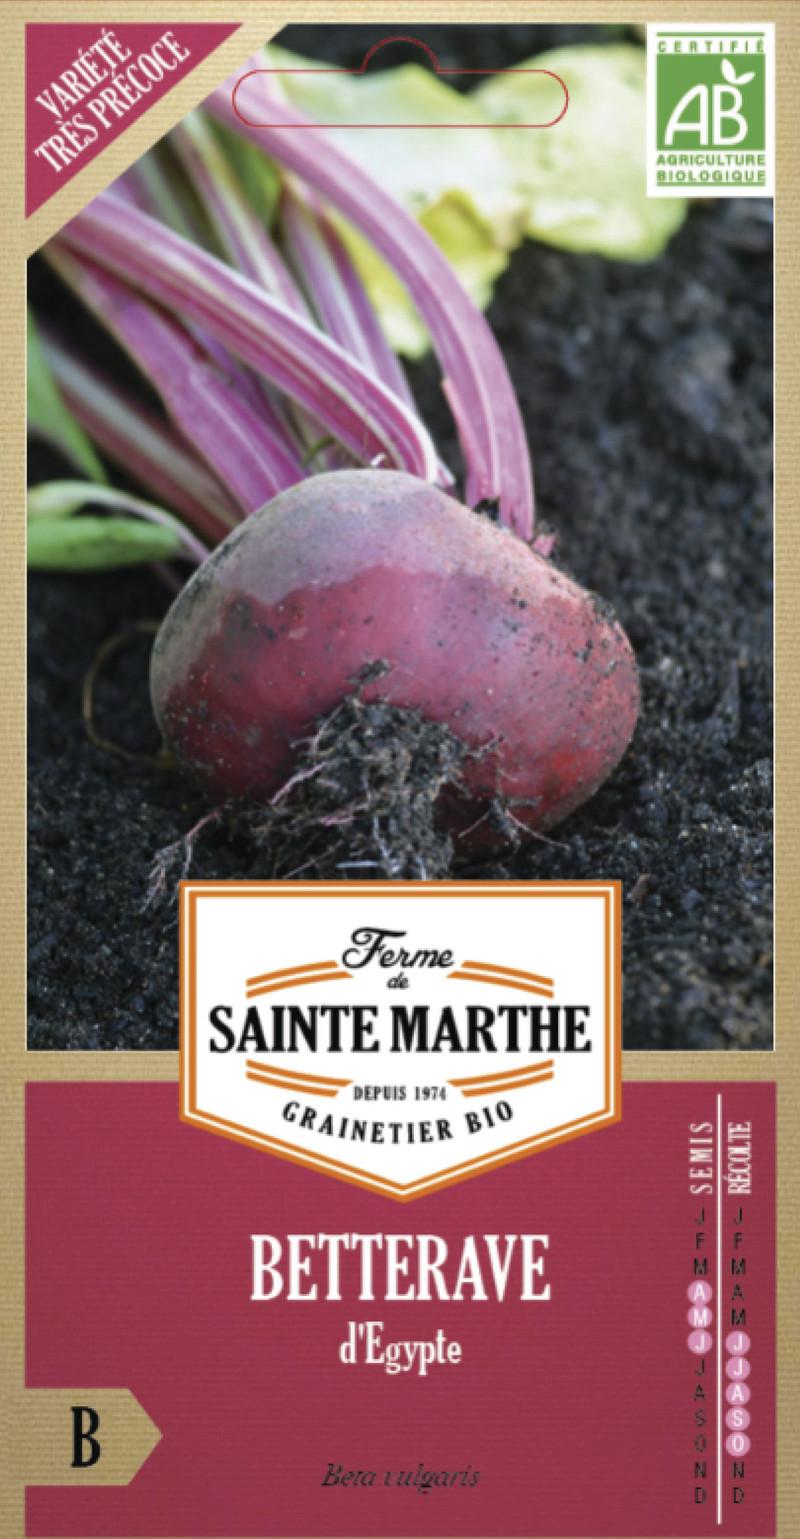 betterave d'egypte bio ferme de sainte marthe graine semence potager sachet semis - Voir en grand